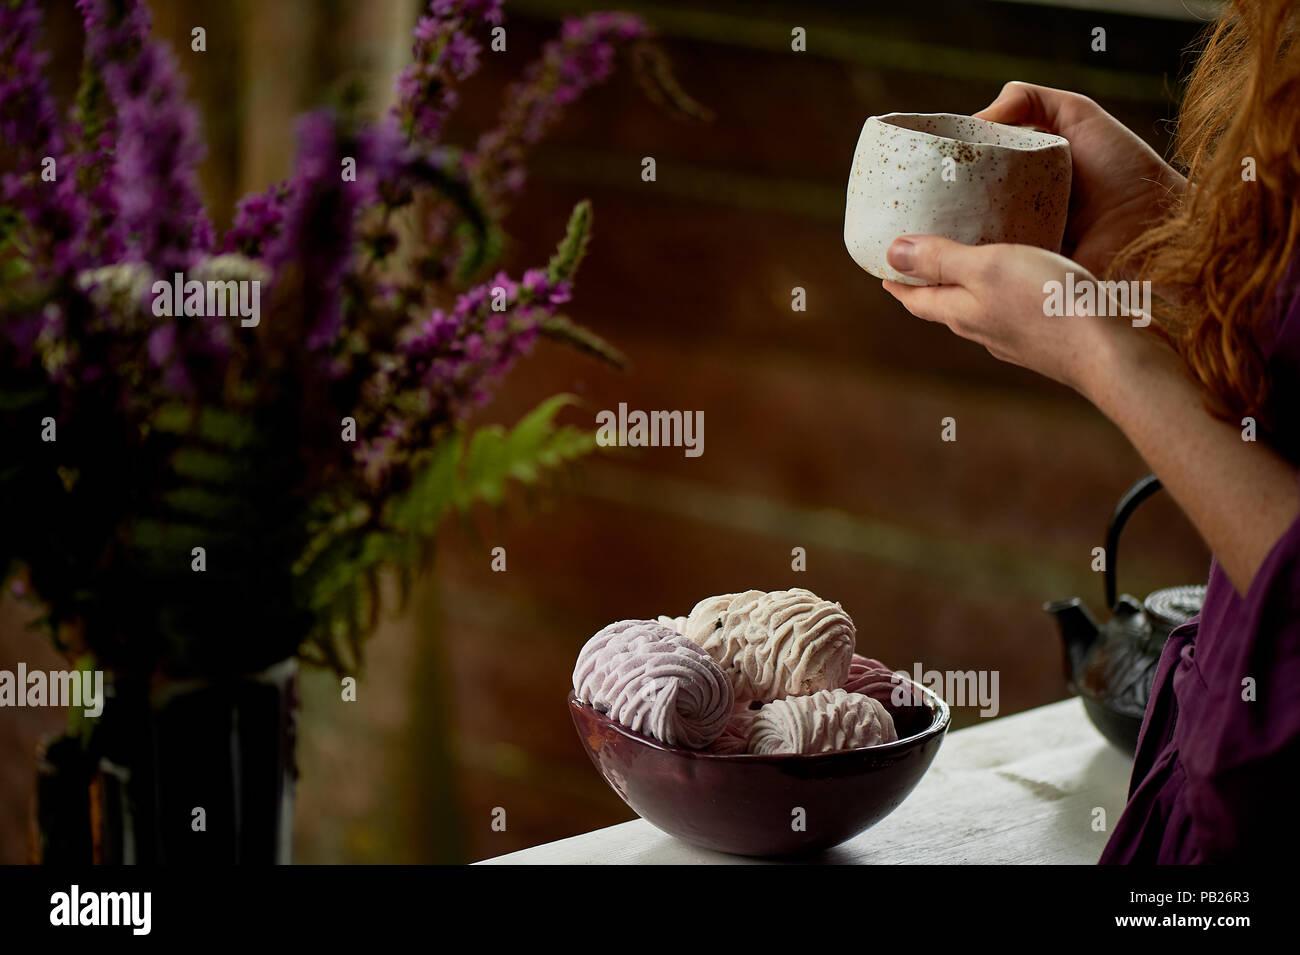 Rothaarige Mädchen in einem lila Kleid mit einem massiven Ton Tasse mit Tee. Tee auf die frische Luft. Genießen Sie das Leben Stockbild